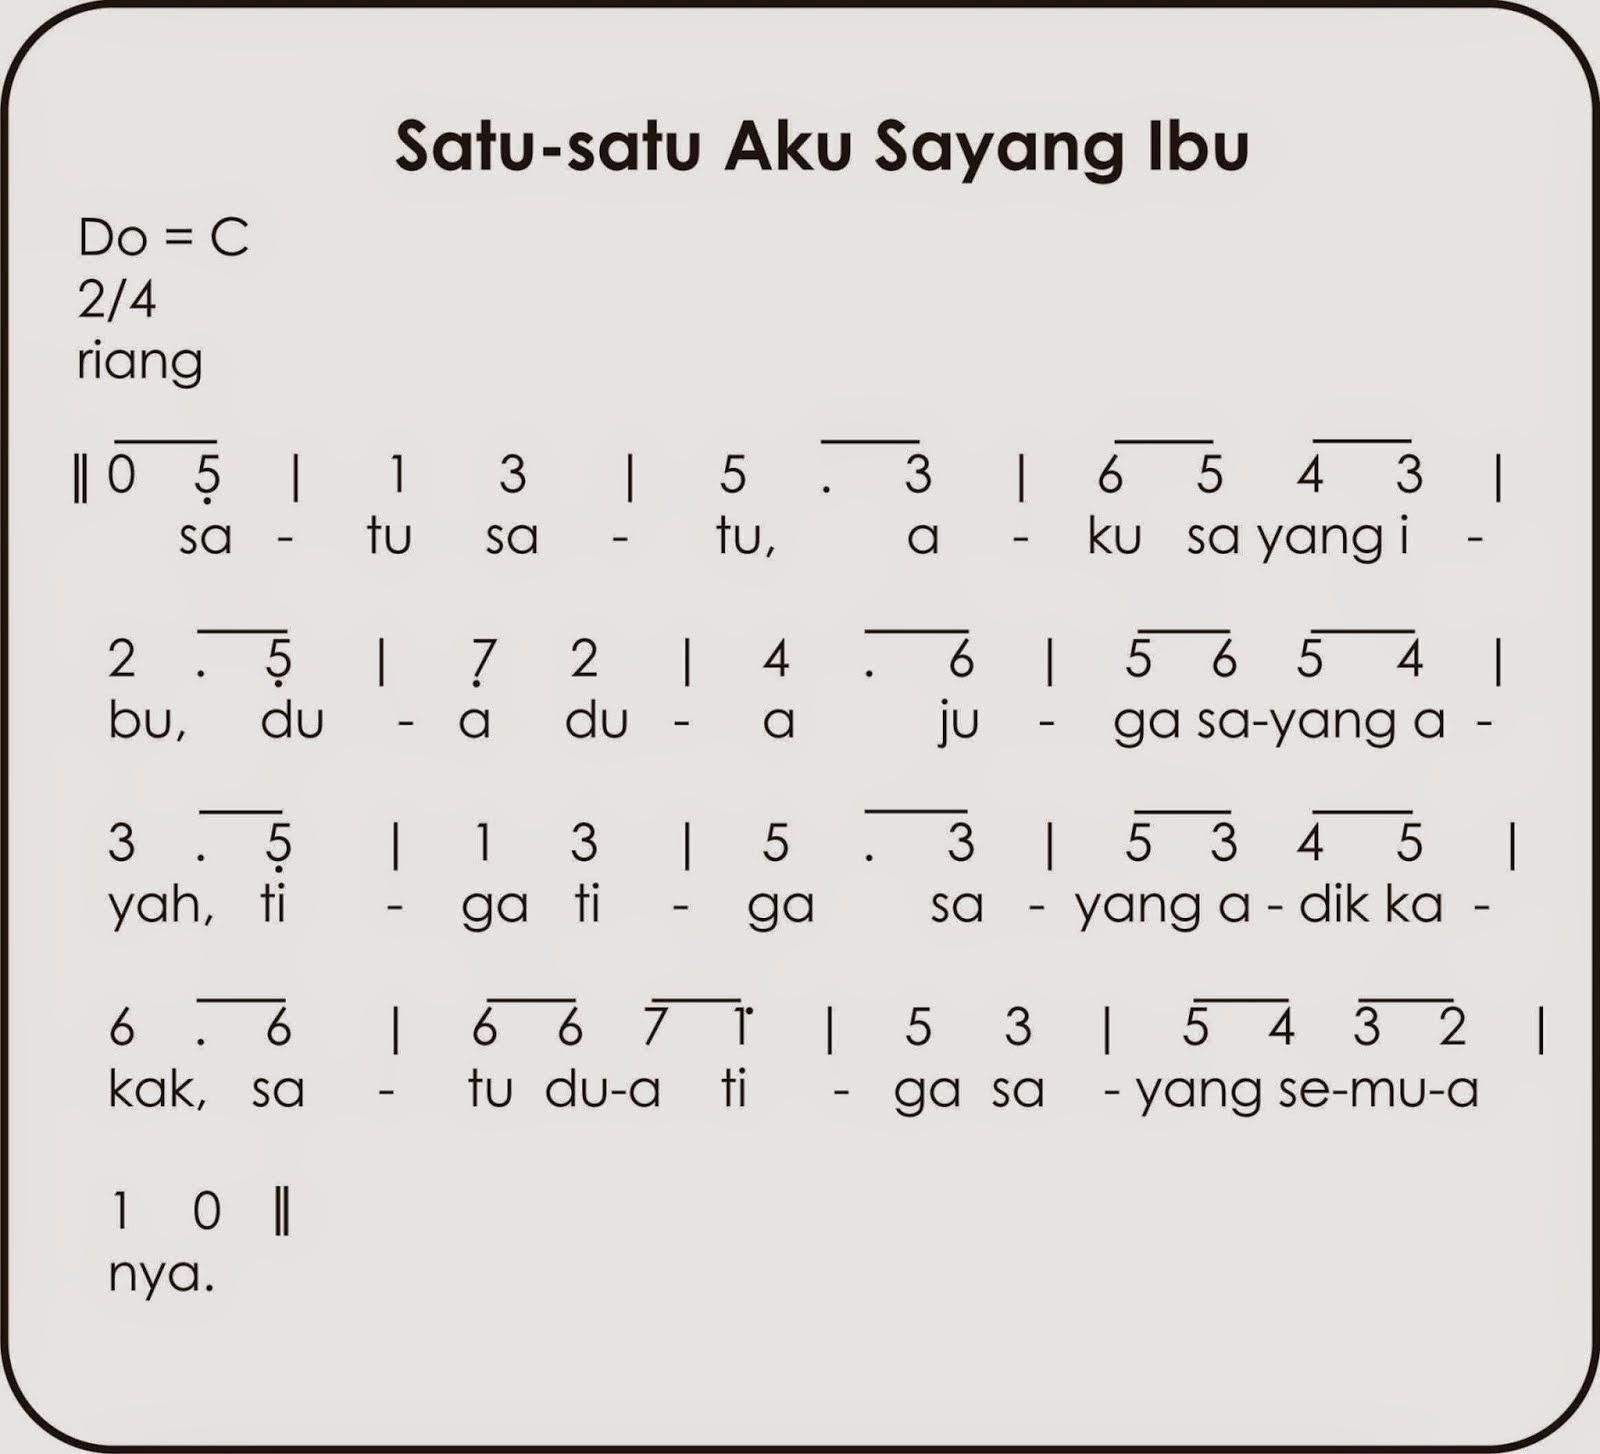 Chord Lagu Papua Karna Su Sayang: LIRIK DAN CHORD LAGU ANAK SATU SATU AKU SAYANG IBU